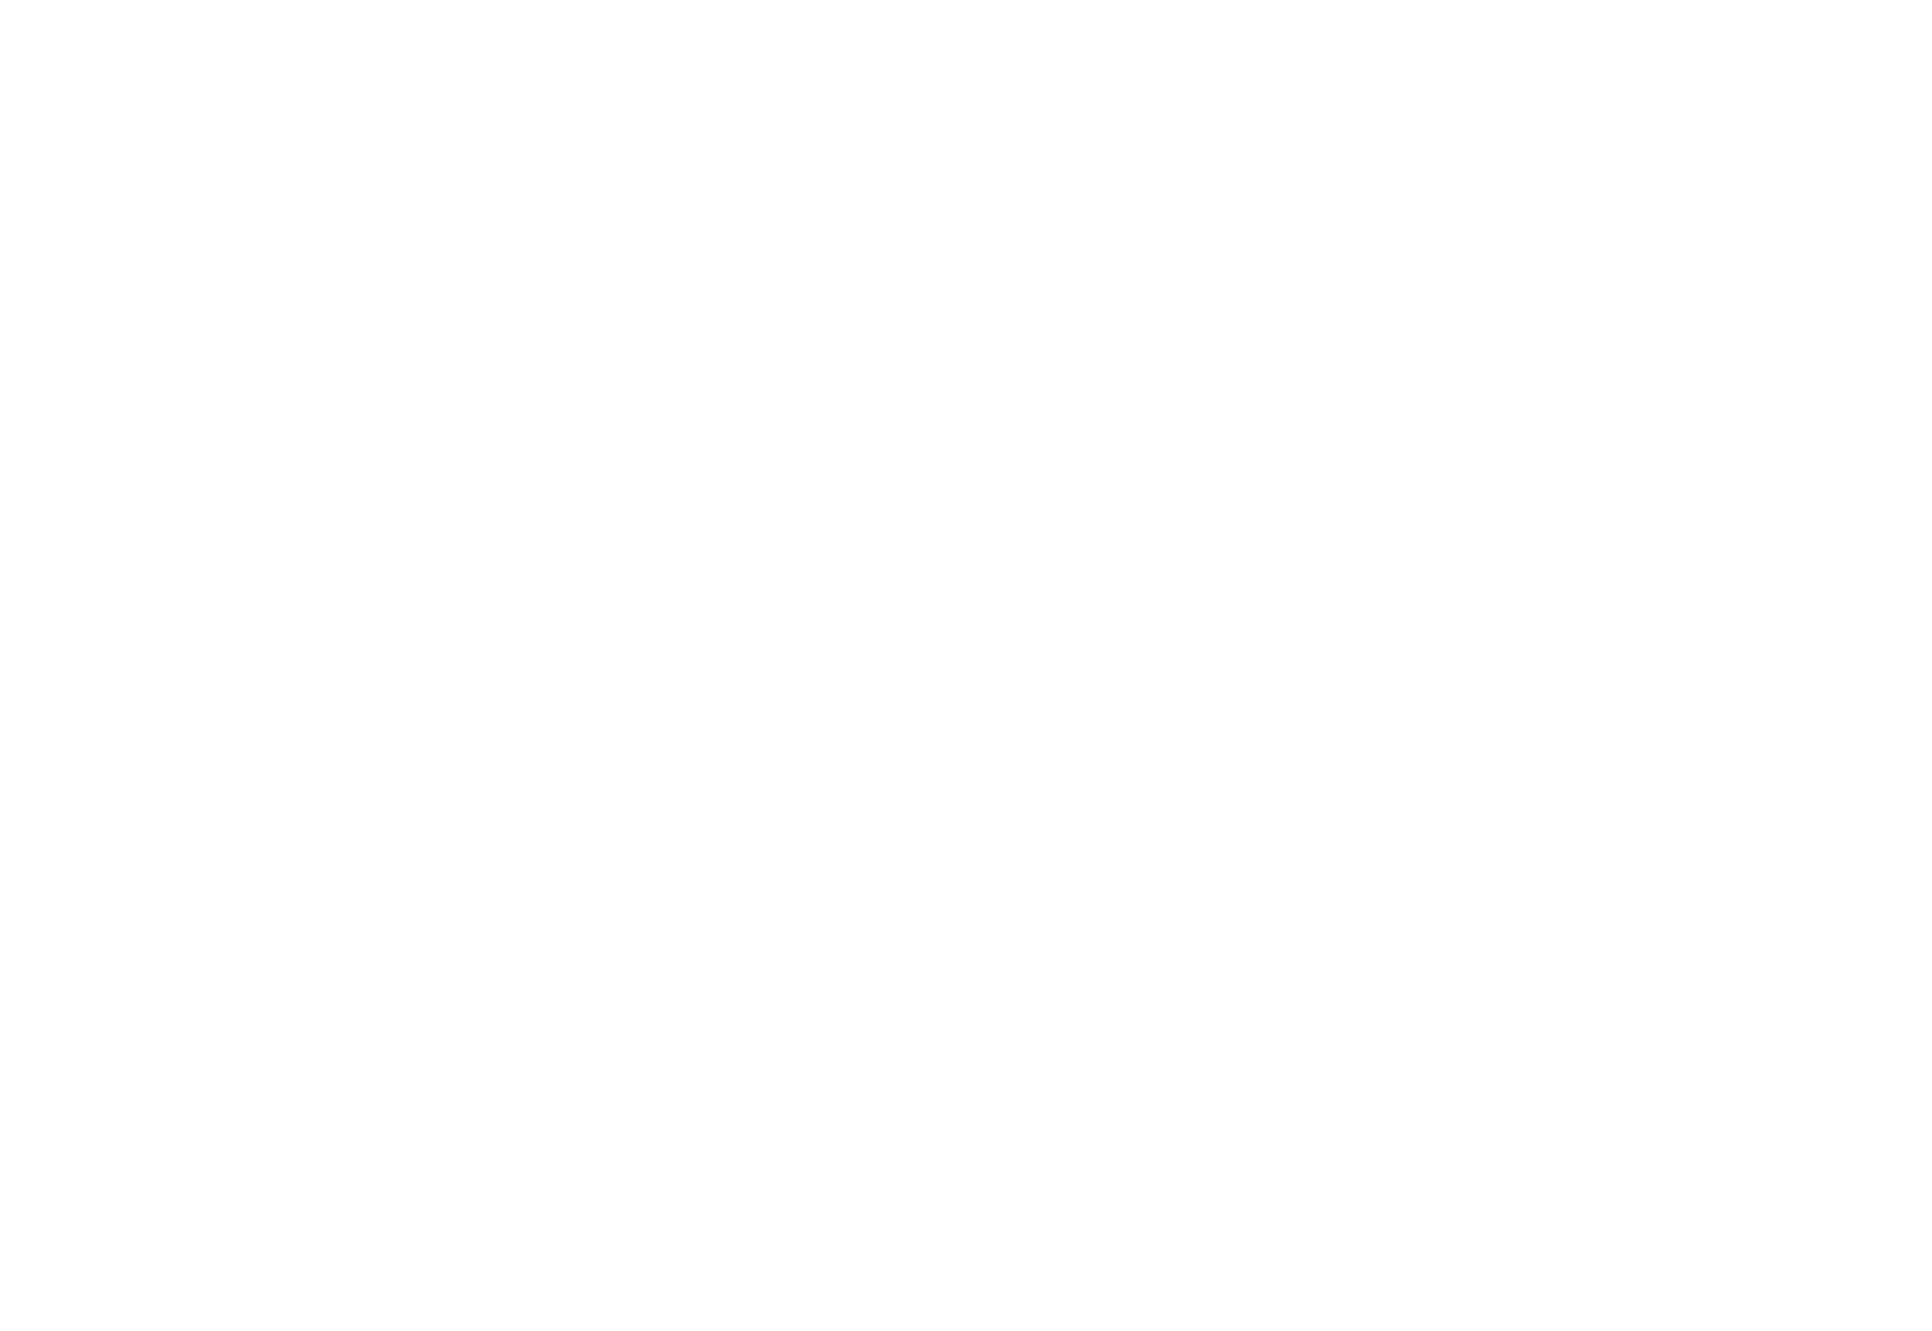 MarryinLove Weddingsdesign